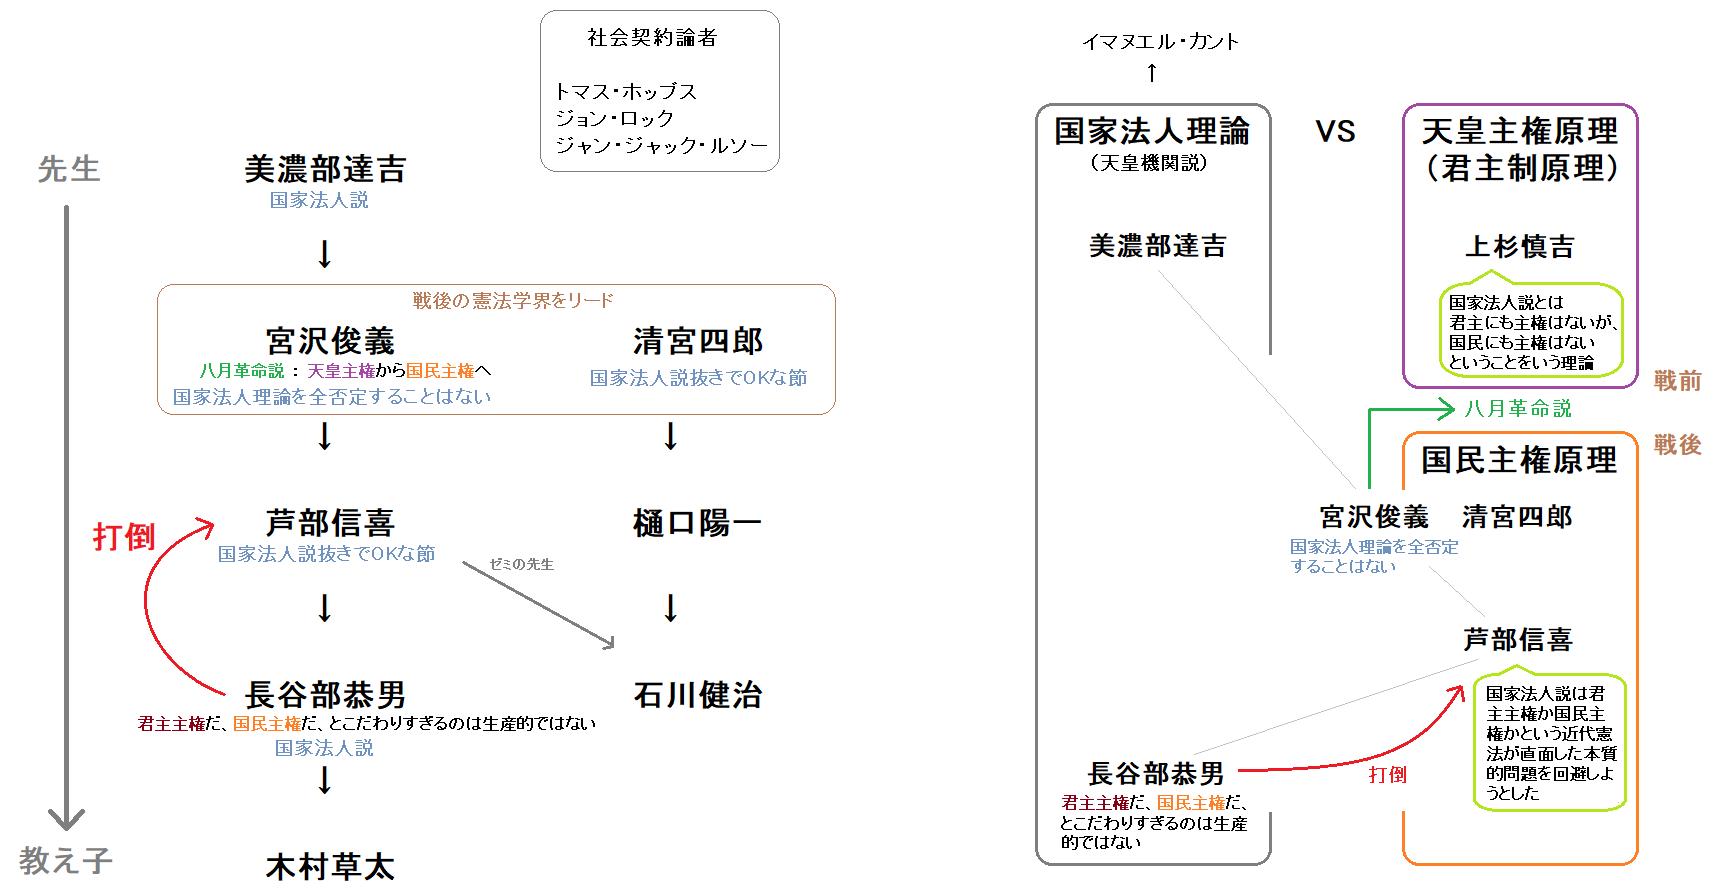 理想の書籍 - kenpokaisei